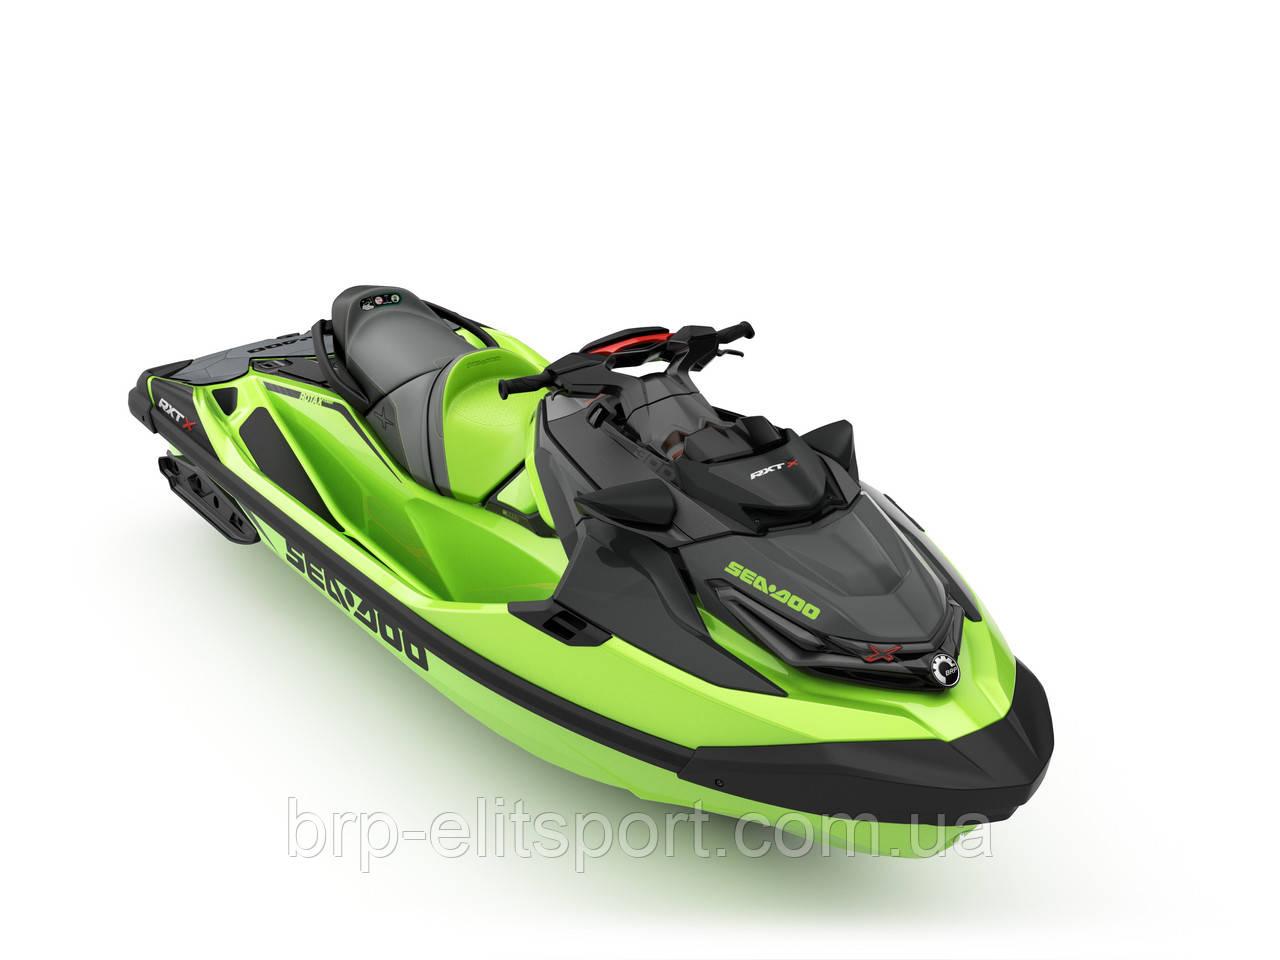 RXT-XRS 300hp Jungle Green 2020